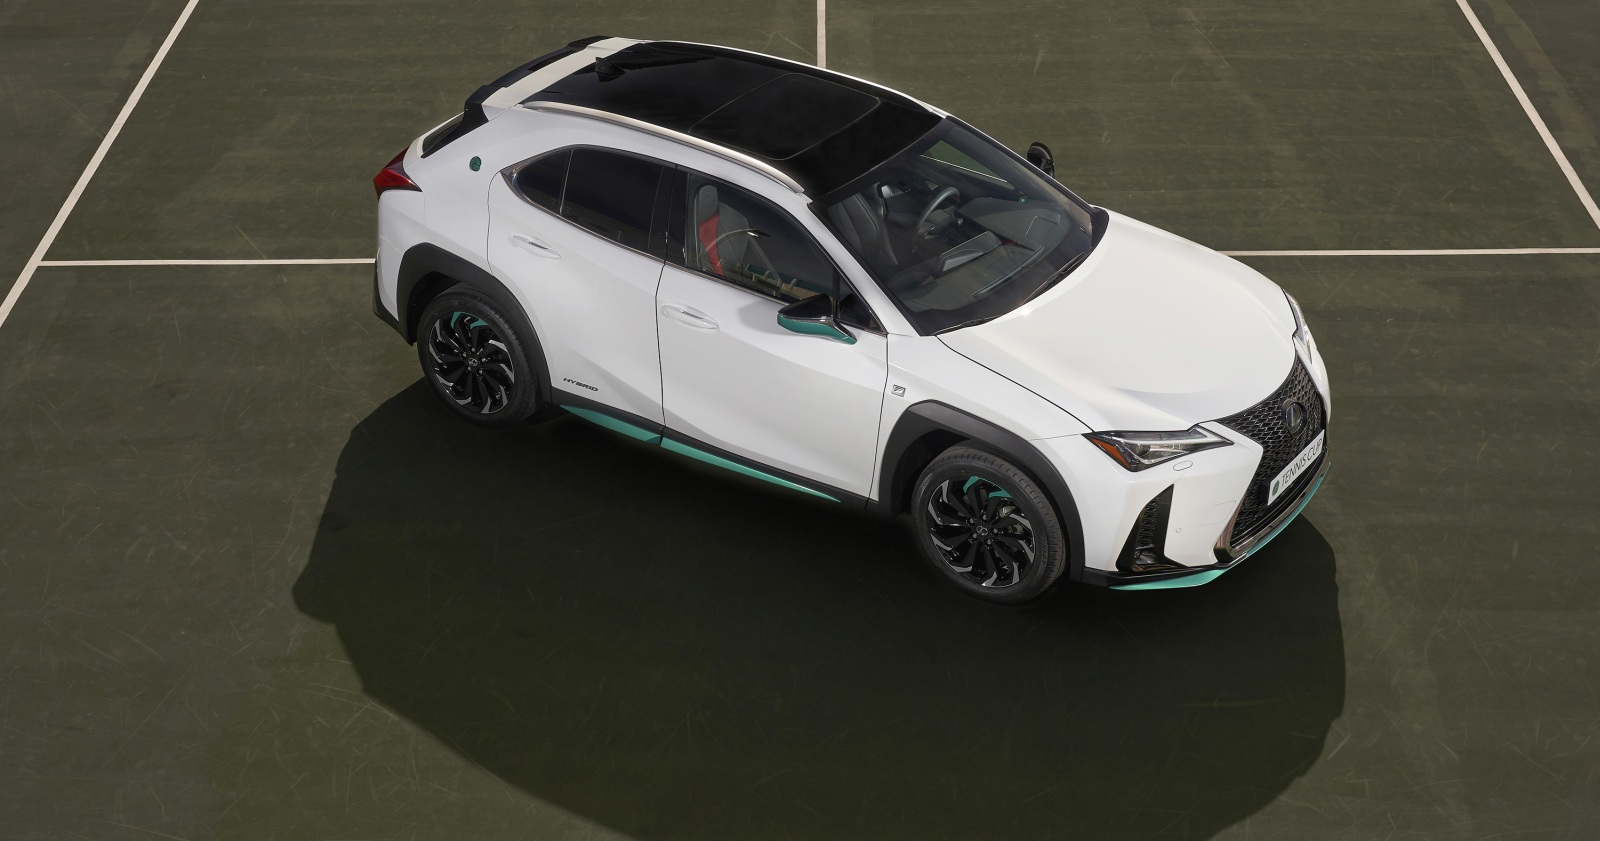 La mecánica de la Lexus UX 250h Tennis Cup Edition no presenta modificaciones en comparación con las otras versiones